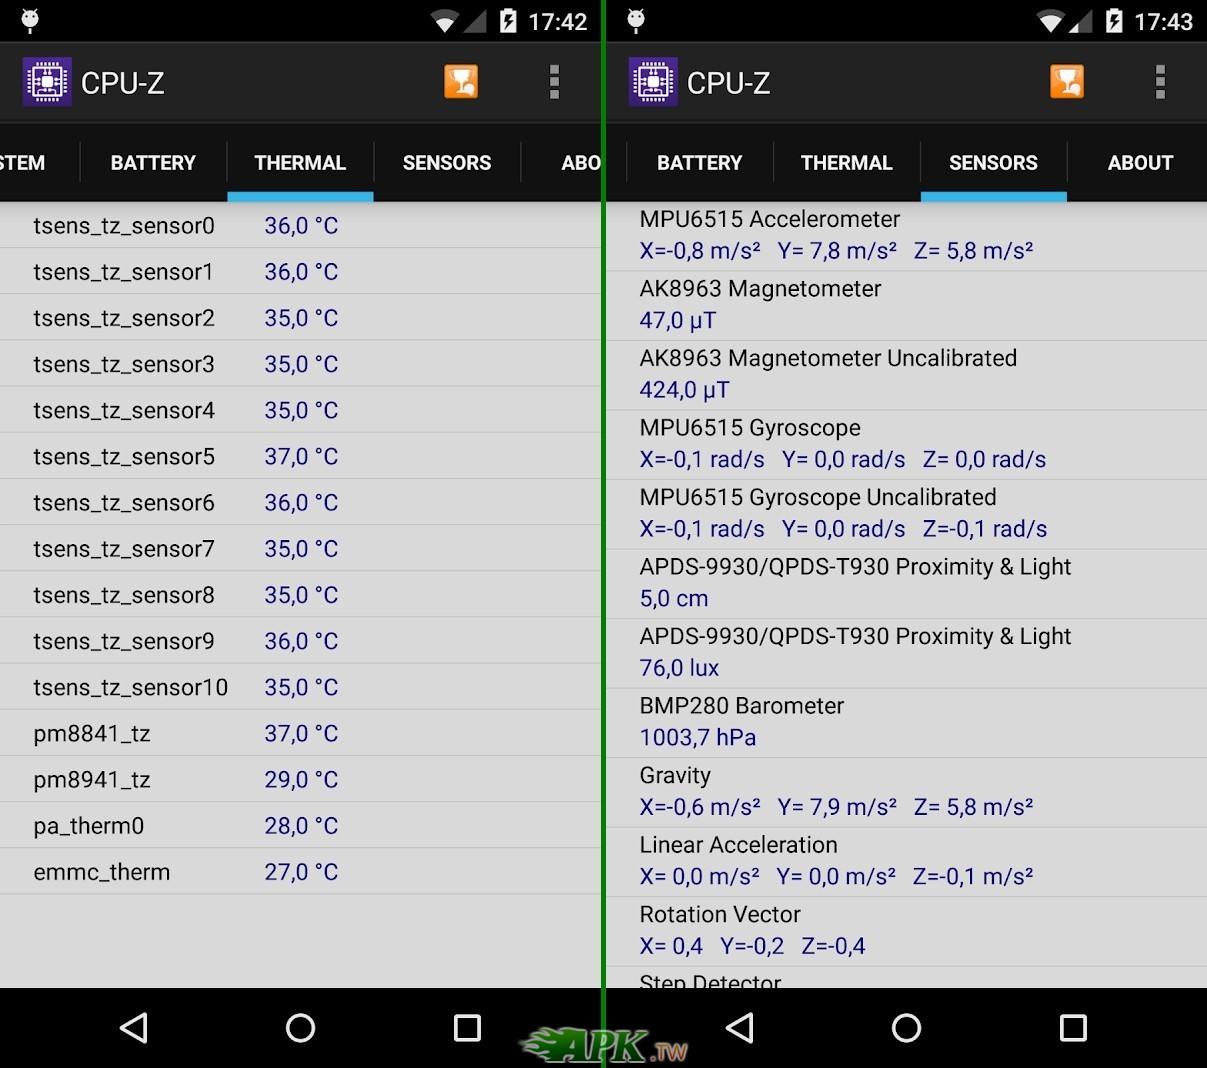 CPU-Z__3.jpg